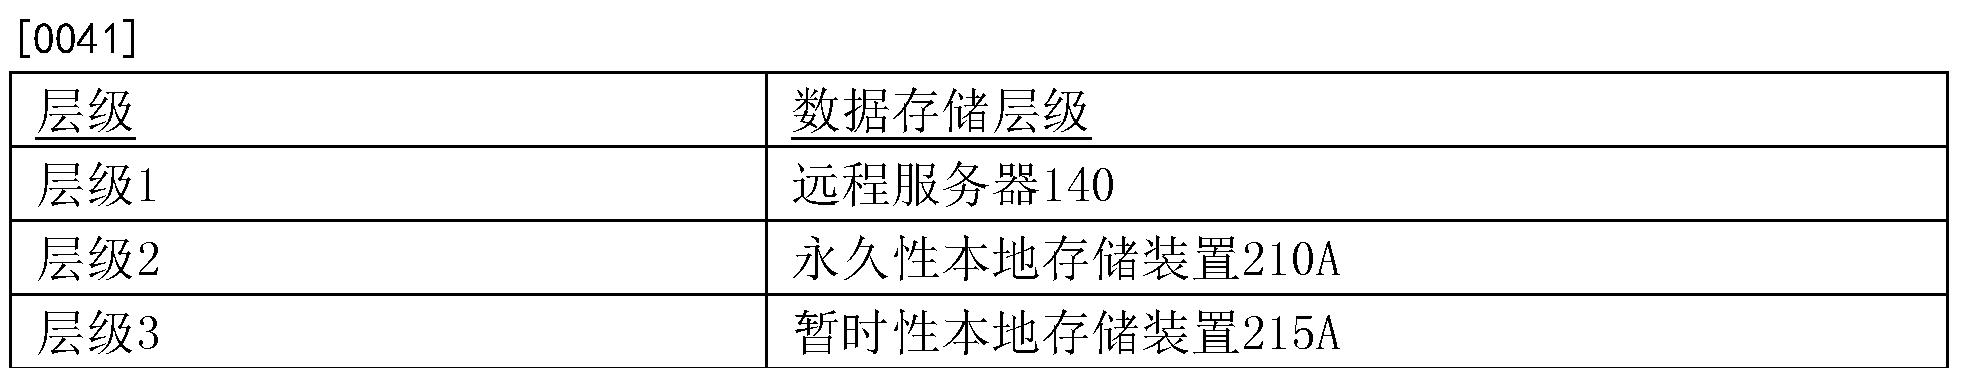 Figure CN104395884BD00111